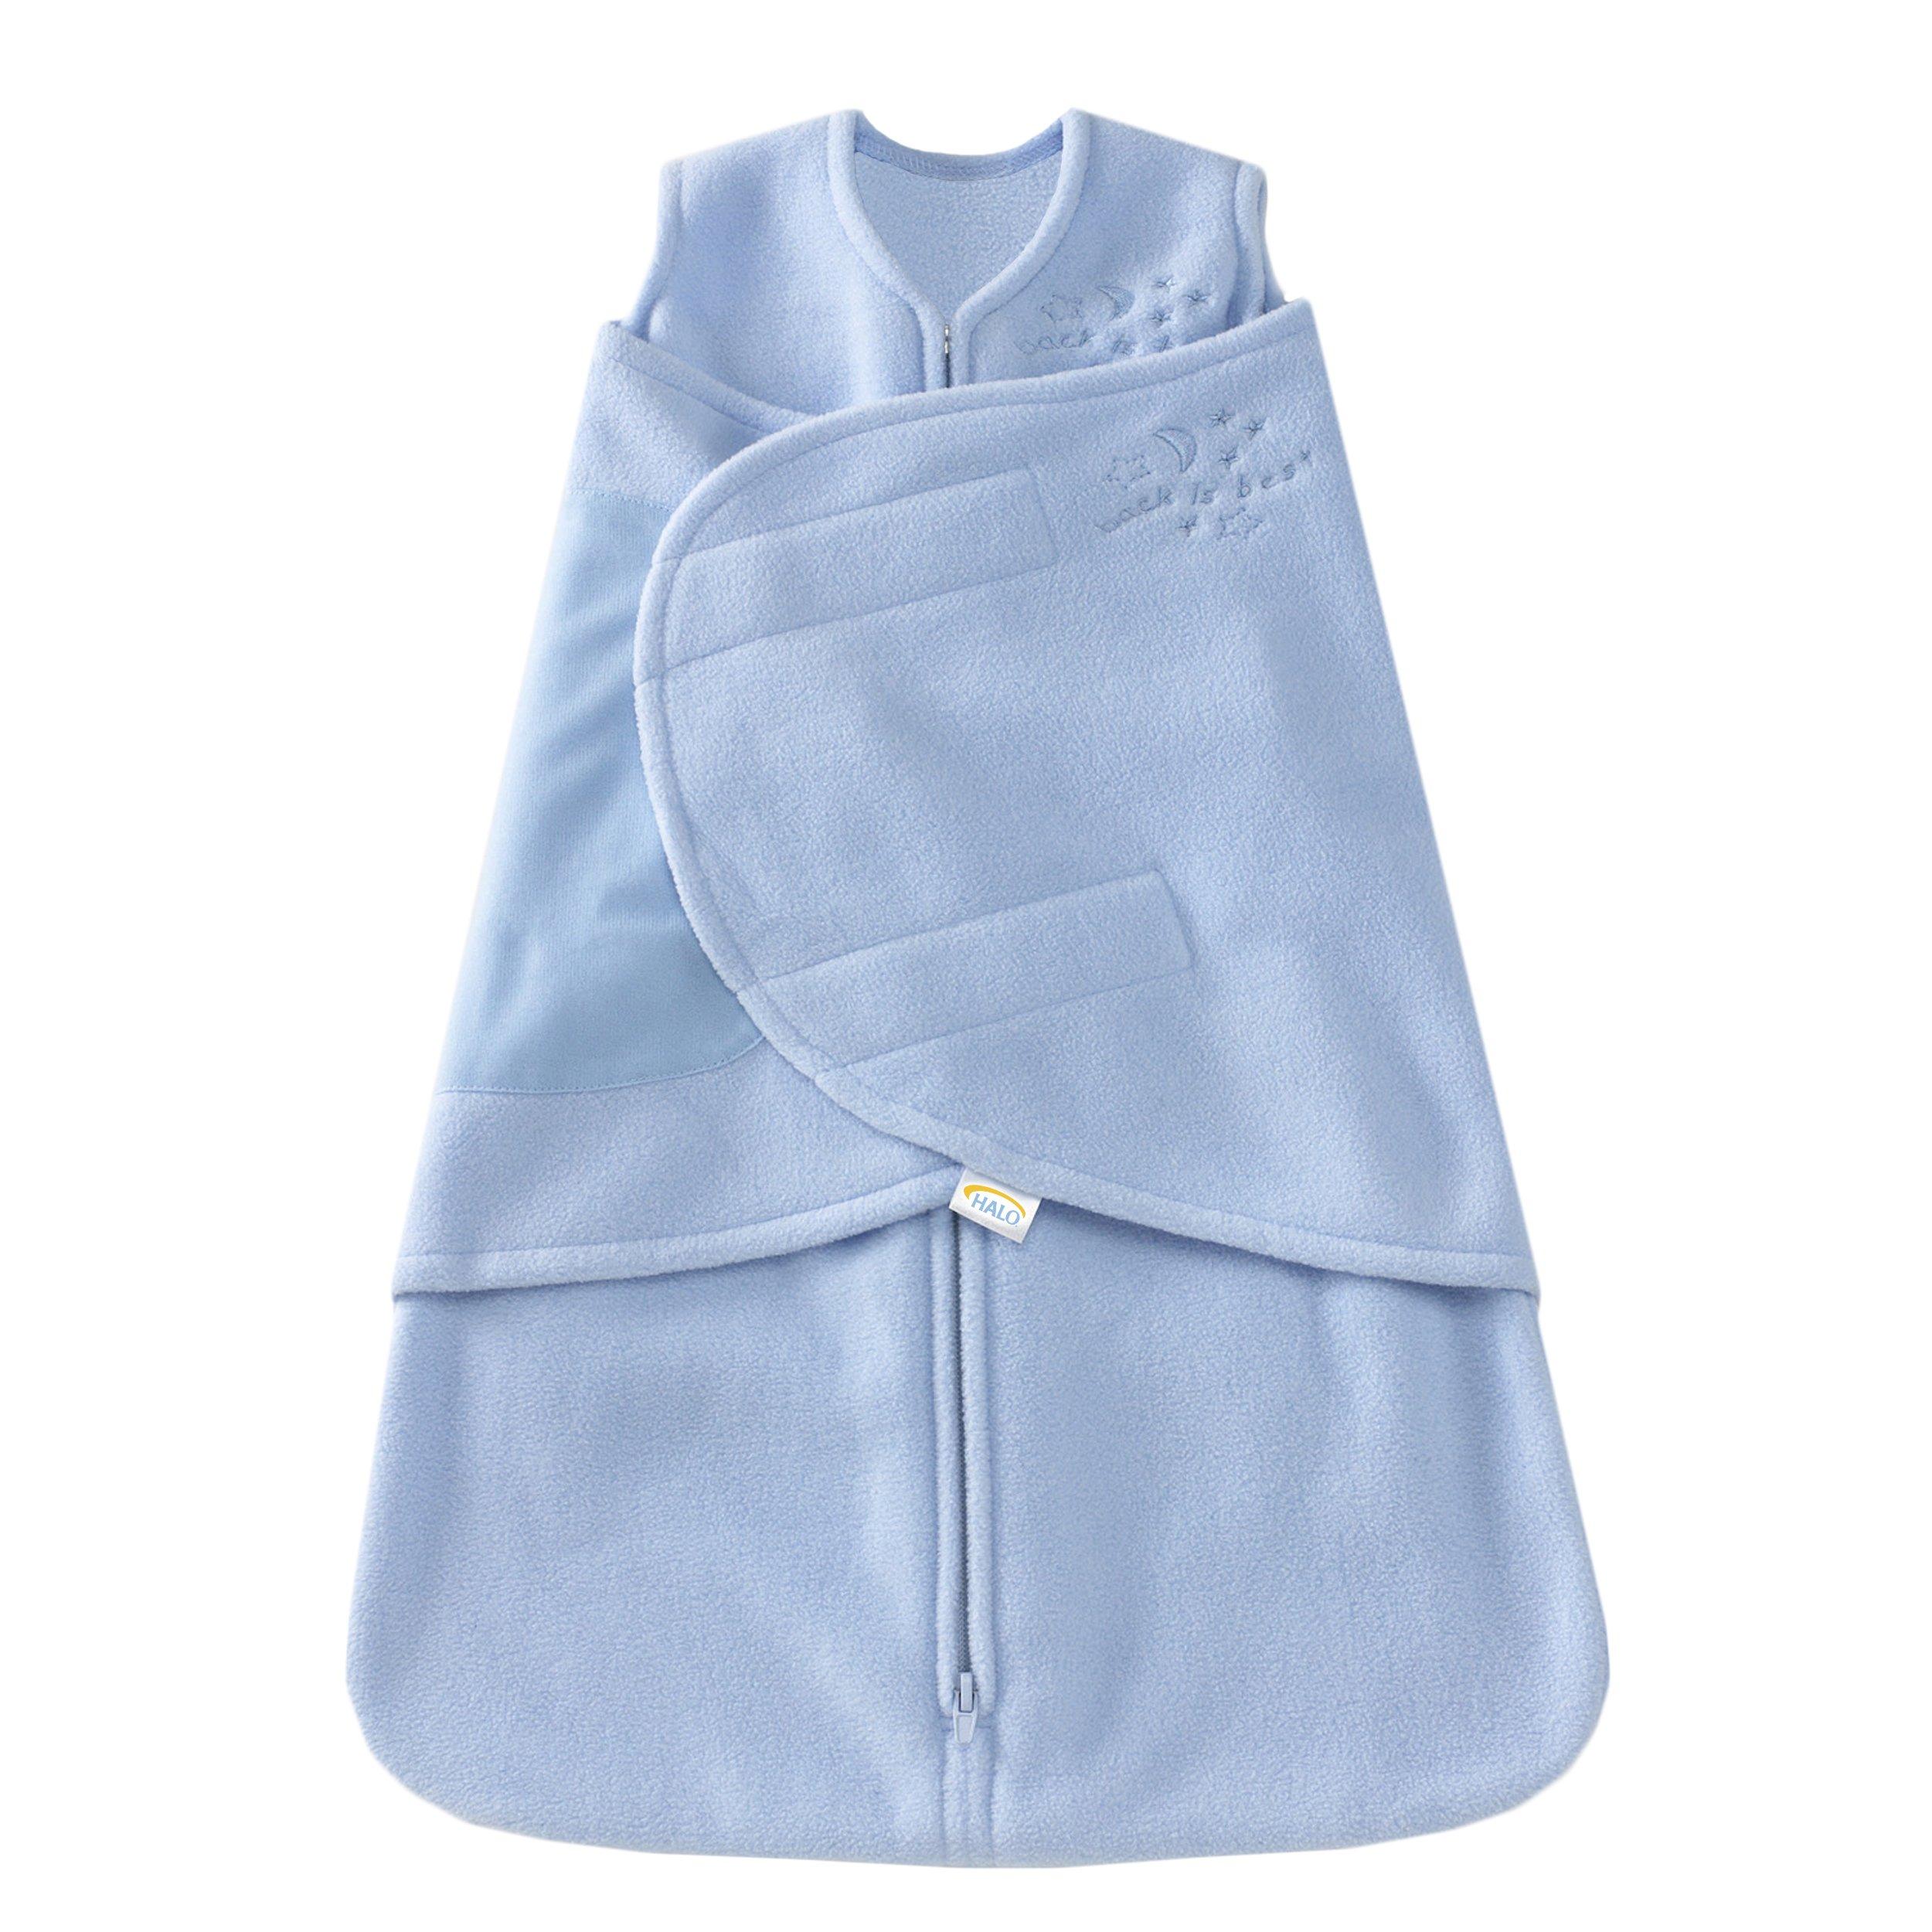 HALO SleepSack Micro-Fleece Swaddle, Baby Blue, Preemie